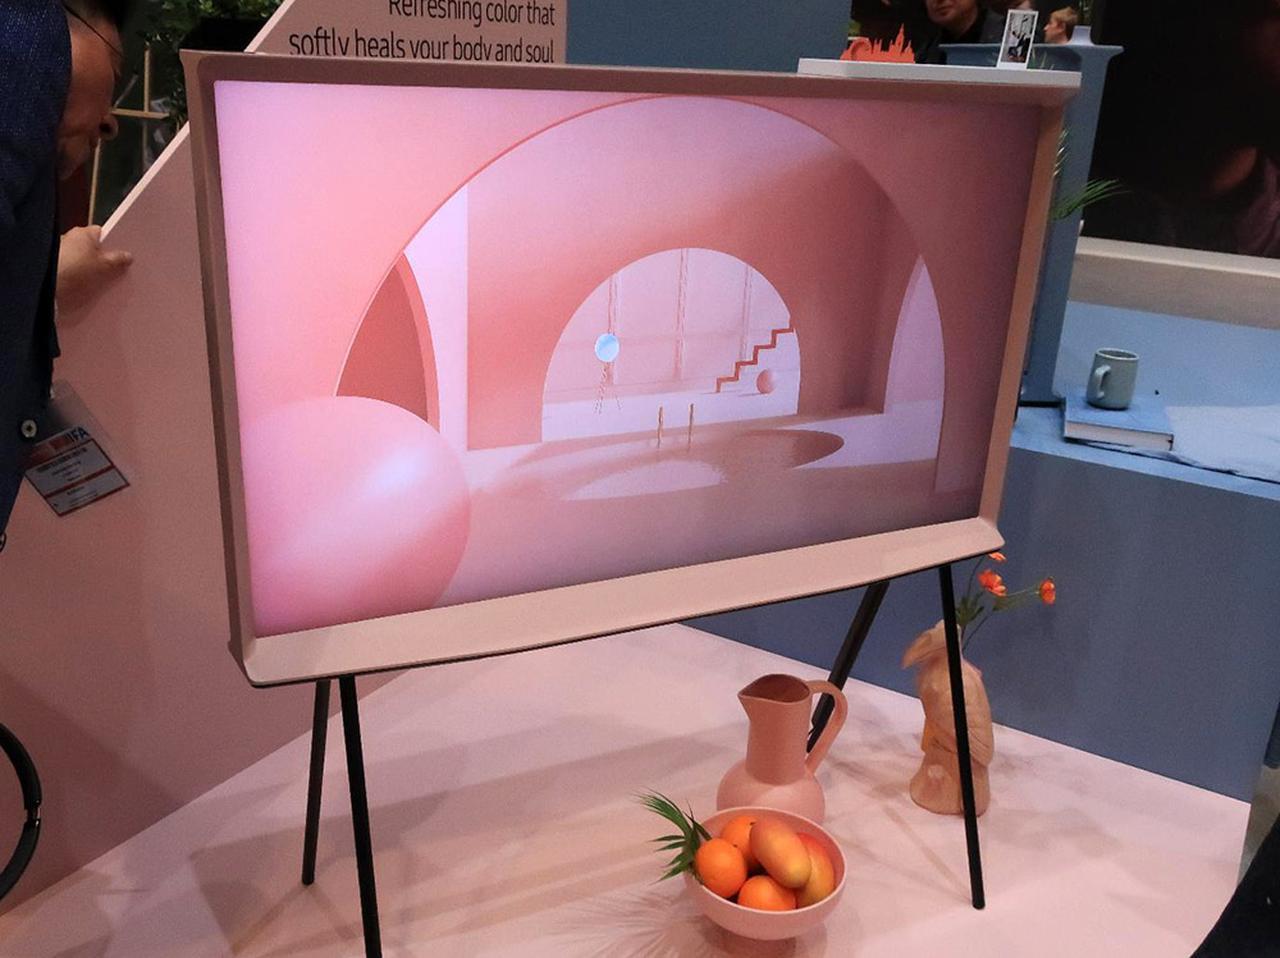 画像6: 三星電子、Samsung Electronicsのデザインテレビ「Serif」 とアートギャラリーテレビ「The Frame」